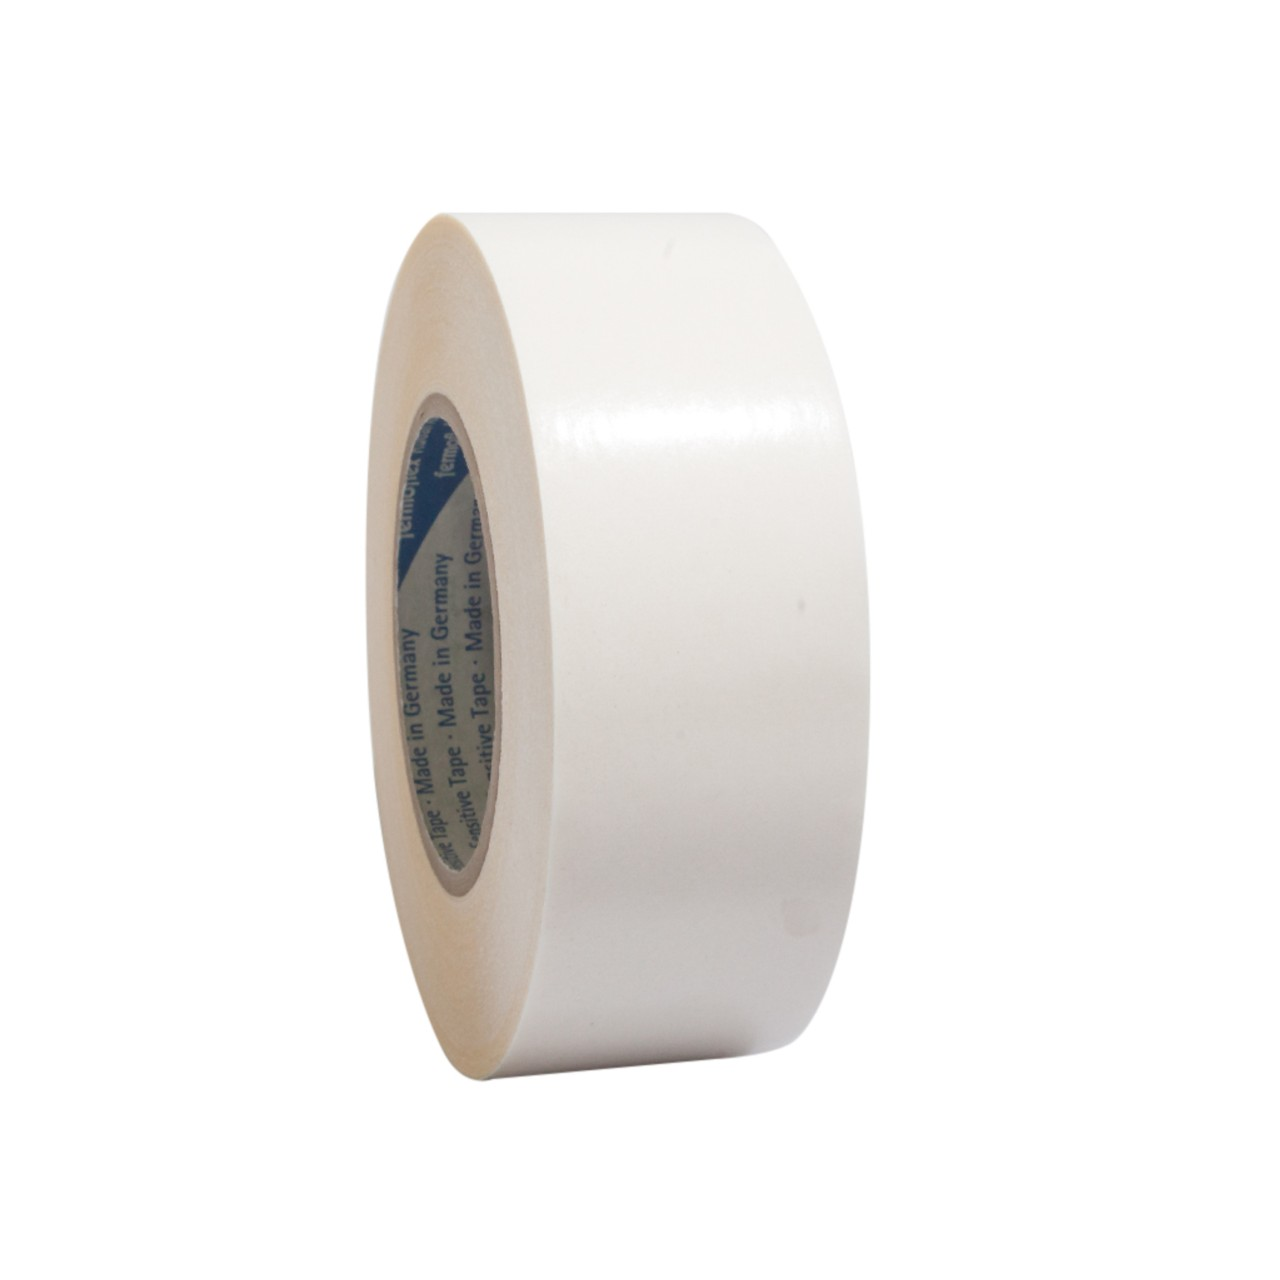 FERMOFLEX 1360, doppelseitiges Klebeband, weiß